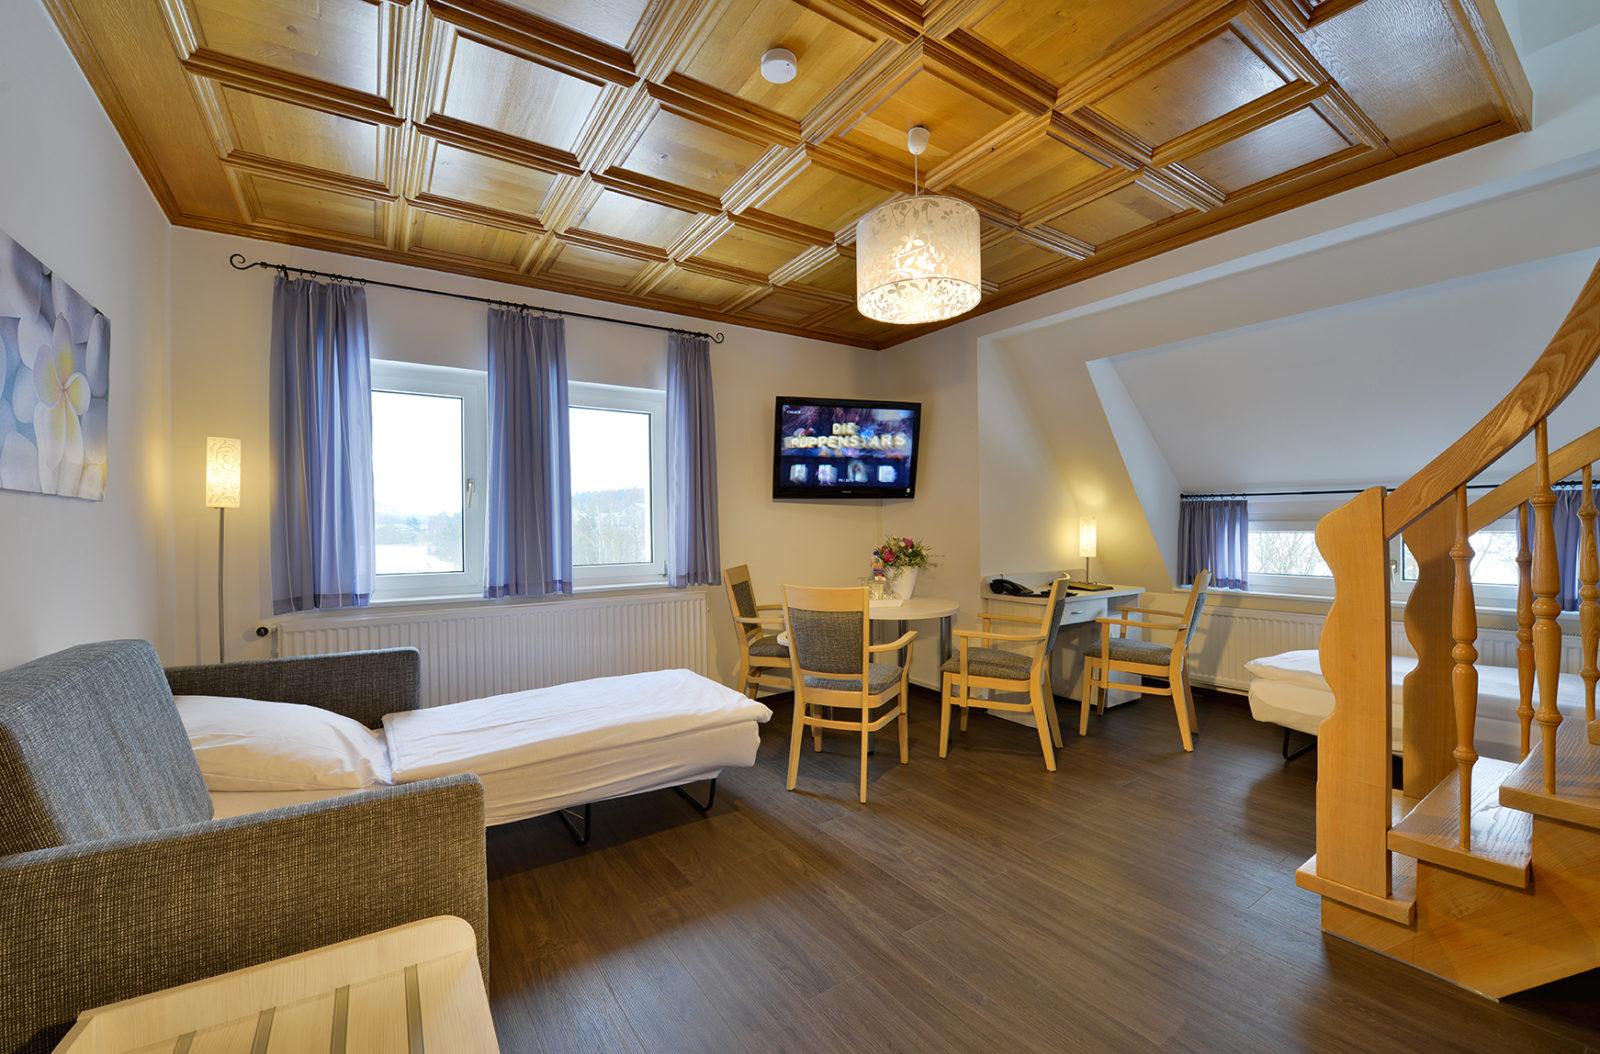 Haus Soonwald - Landhaus Elbert : Landhaus Elbert